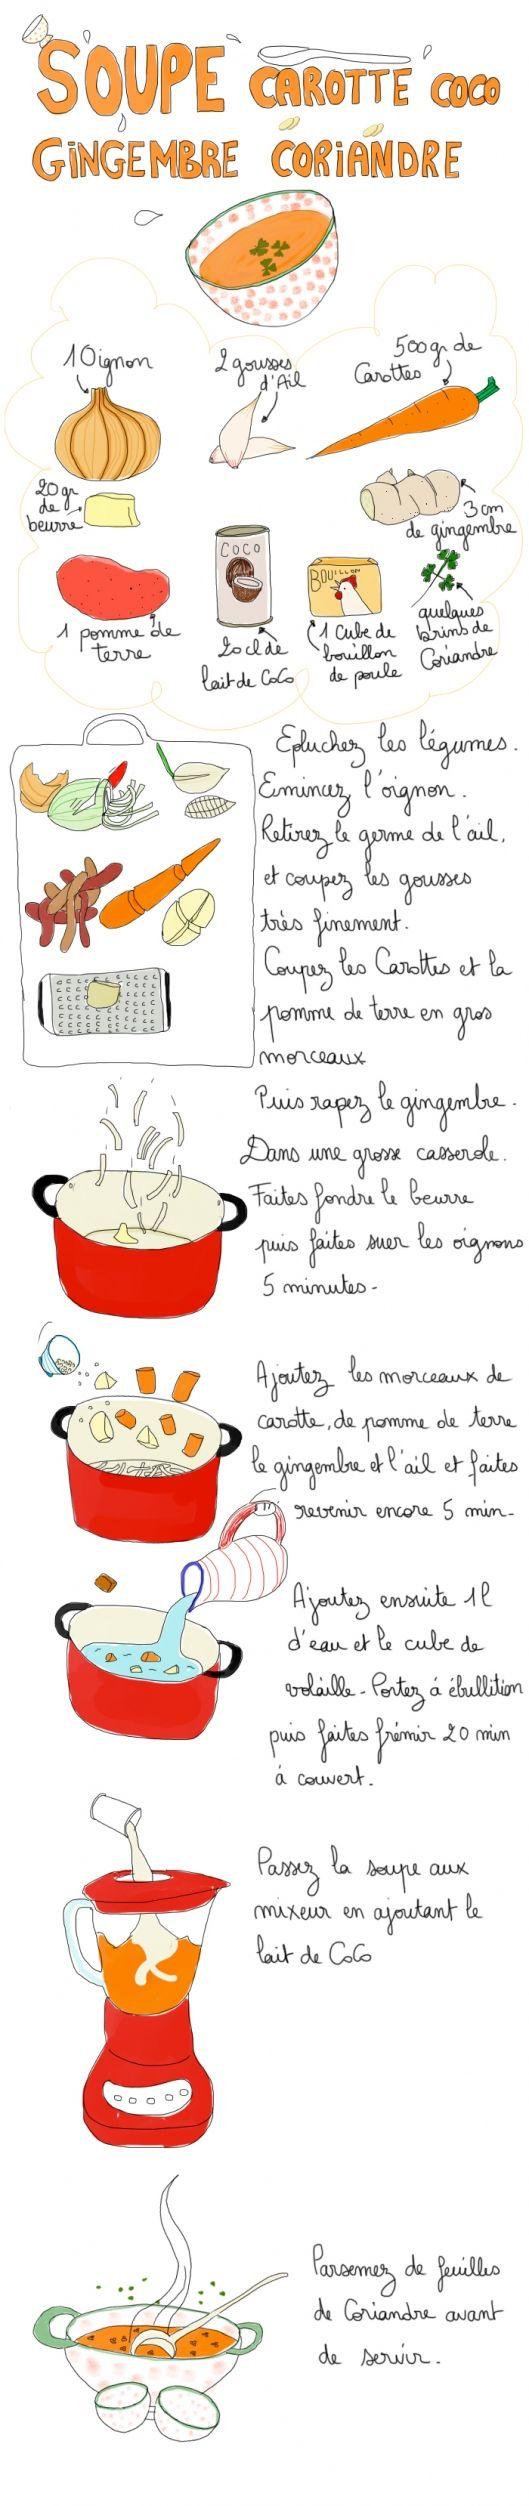 TESTE BON VELOUTE AVEC PLUSIEURS SAVEURS EN BOUCHE.  Soupe Carotte Coco Gingembre Coriandre